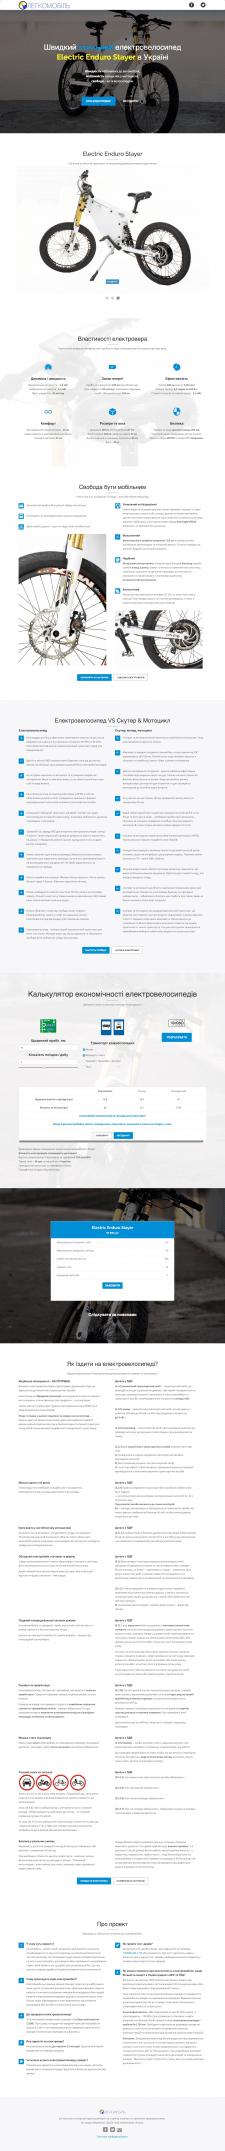 Лендинг электровелосипеда с онлайн калькулятором